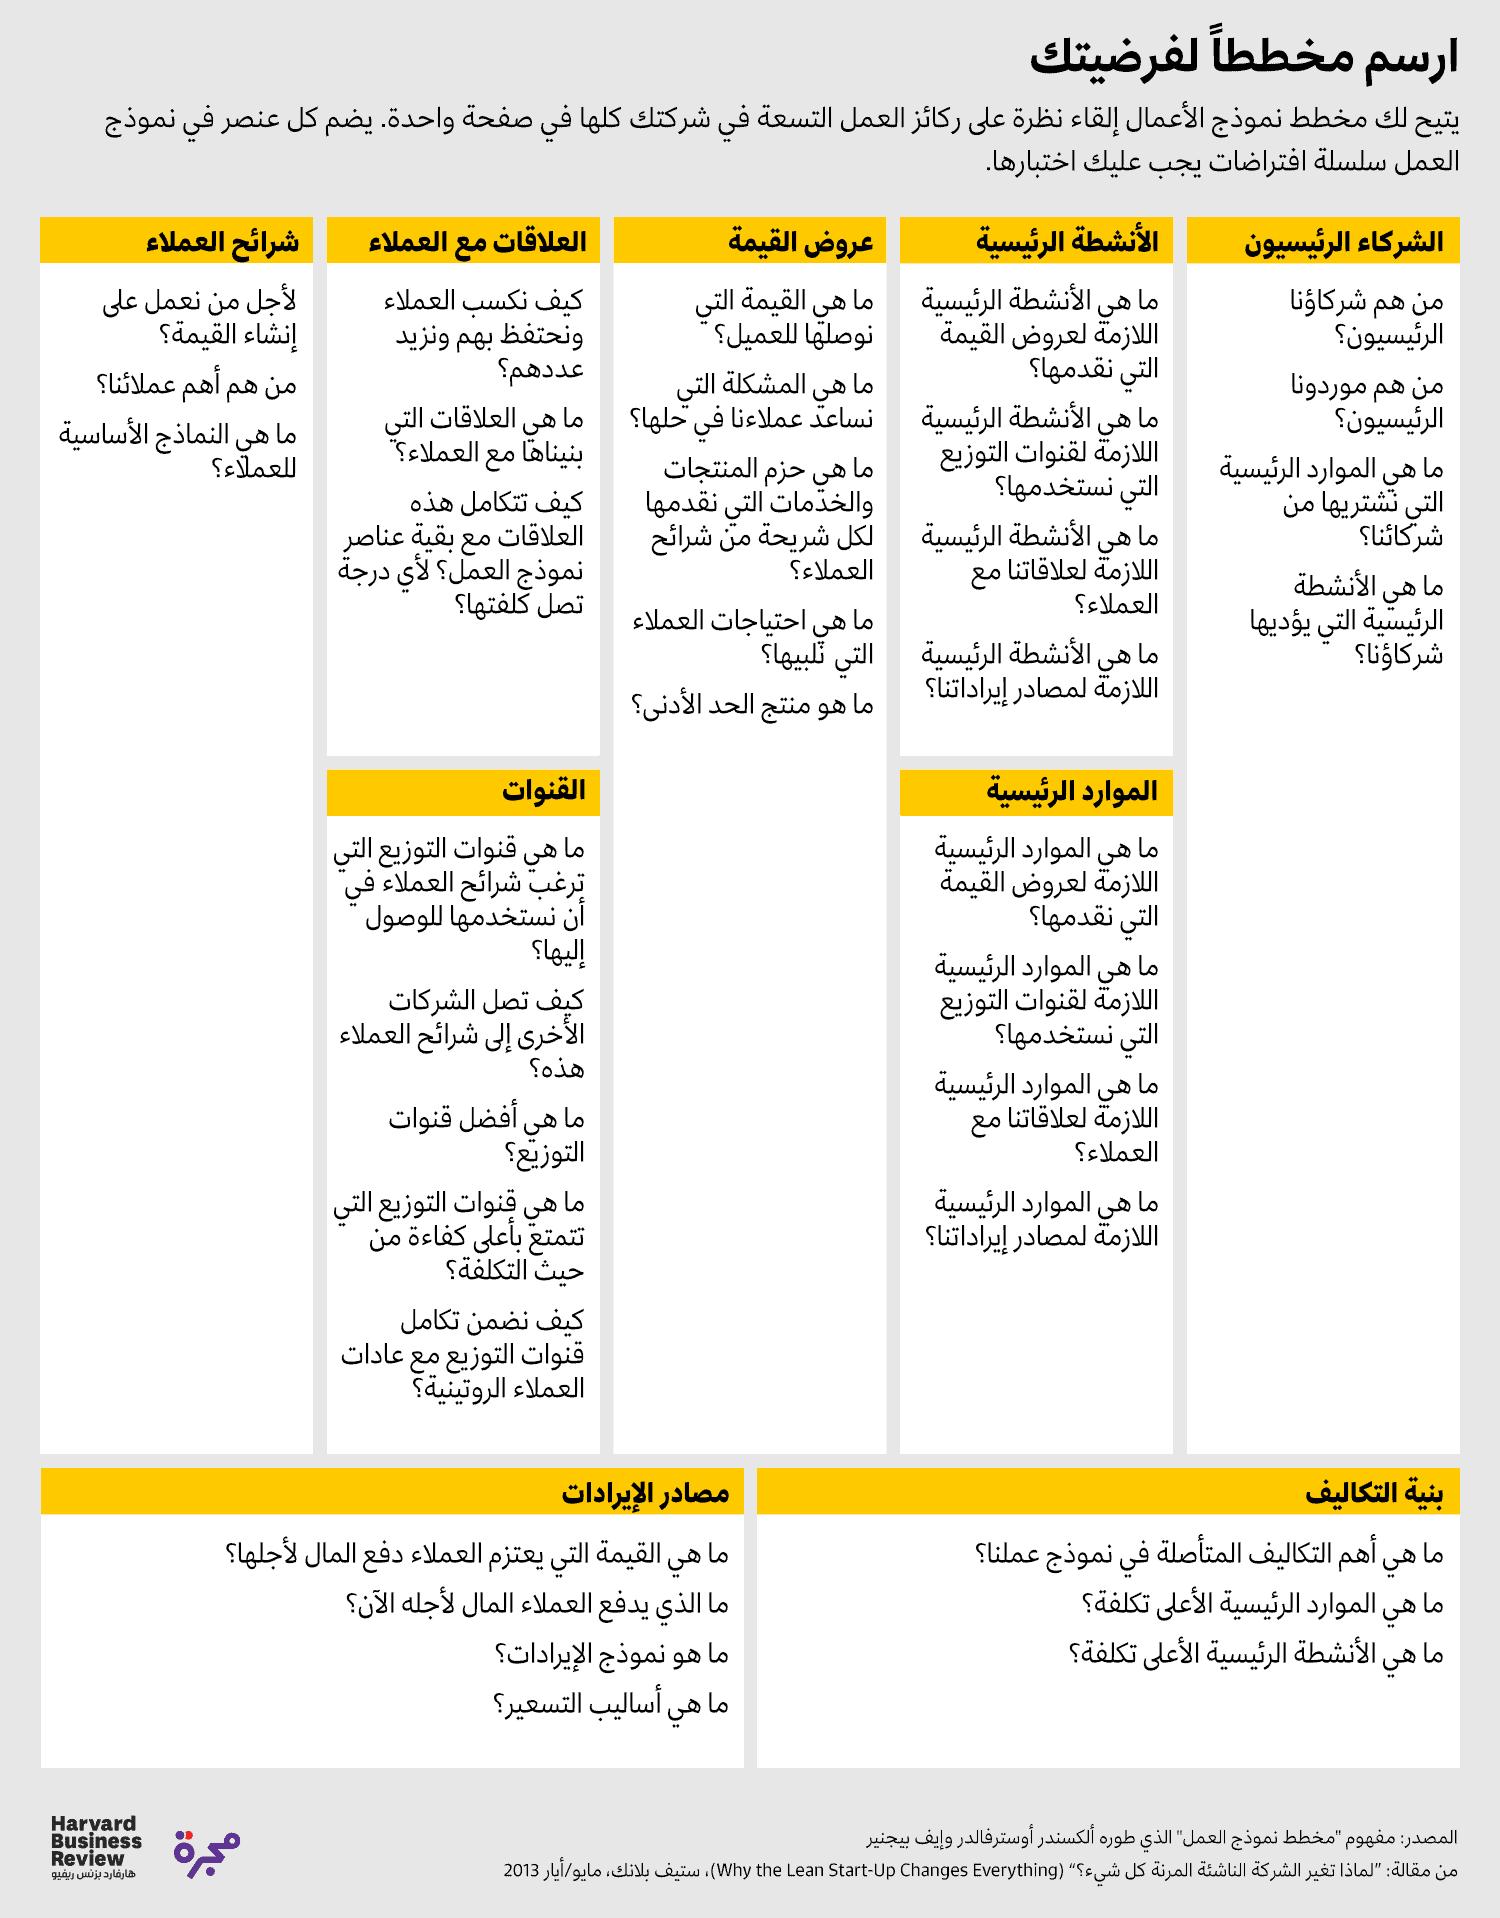 مخطط نموذج الأعمال